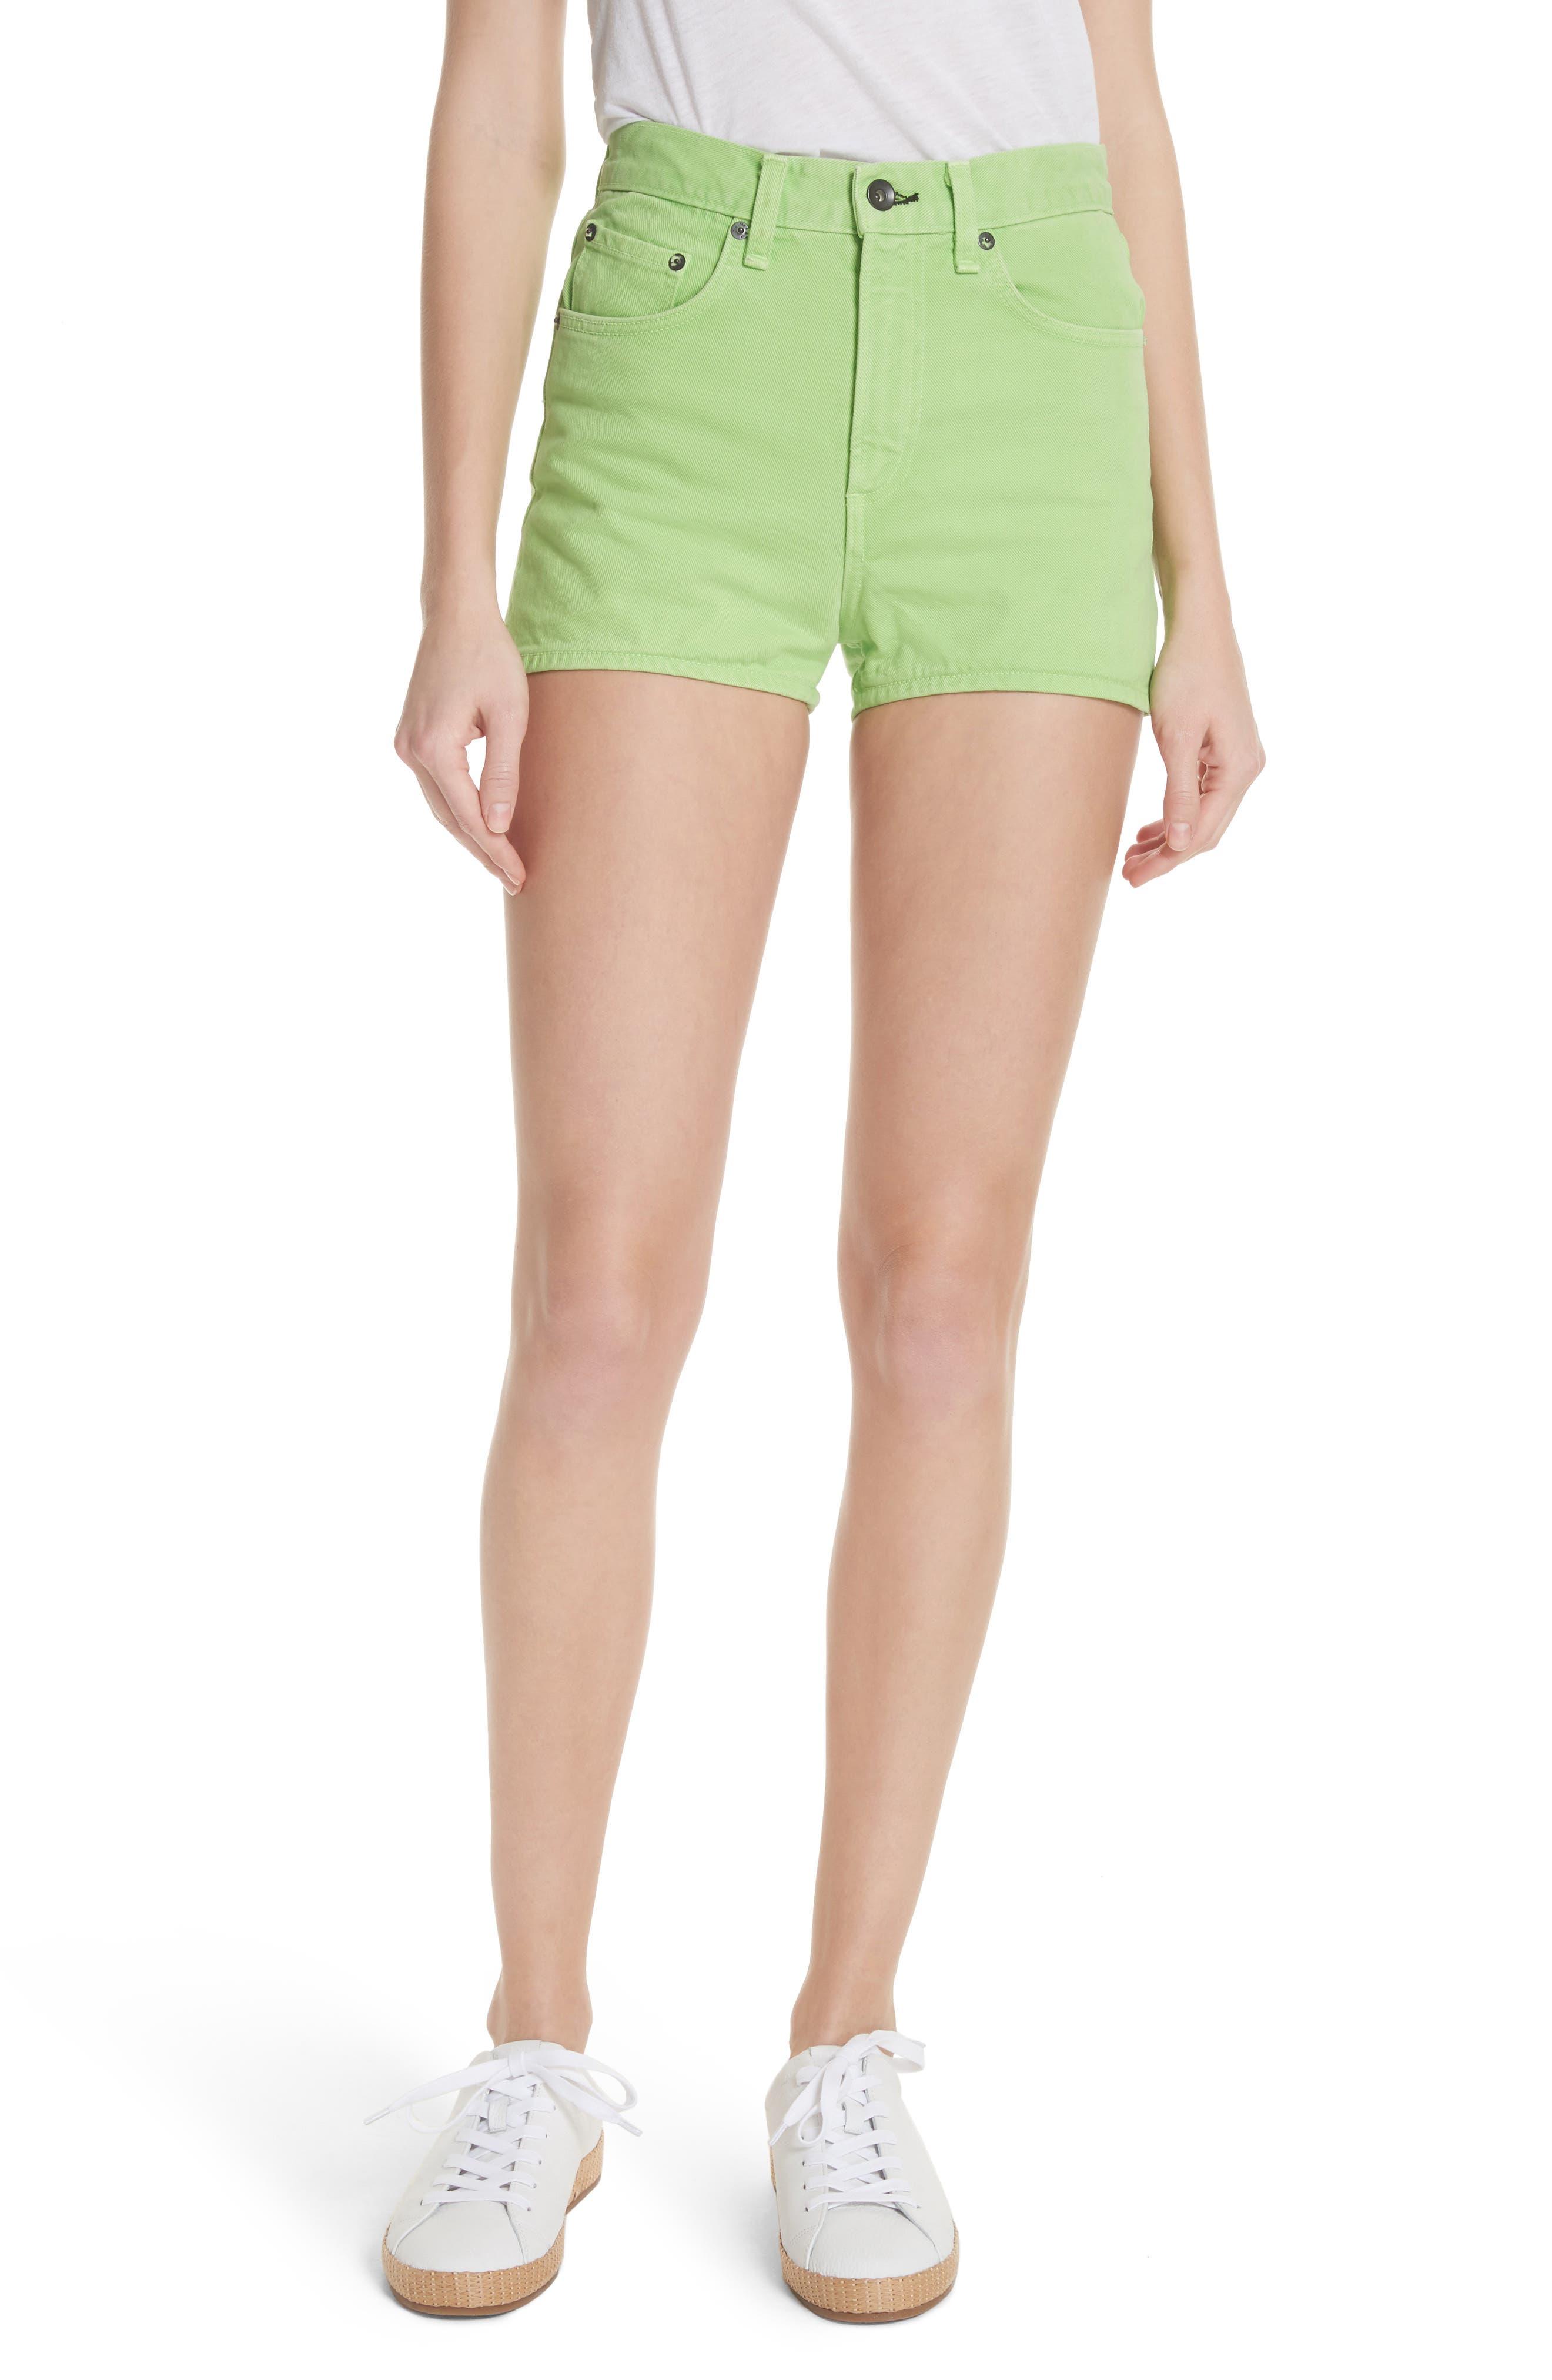 Justine High Waist Denim Shorts,                         Main,                         color, 371